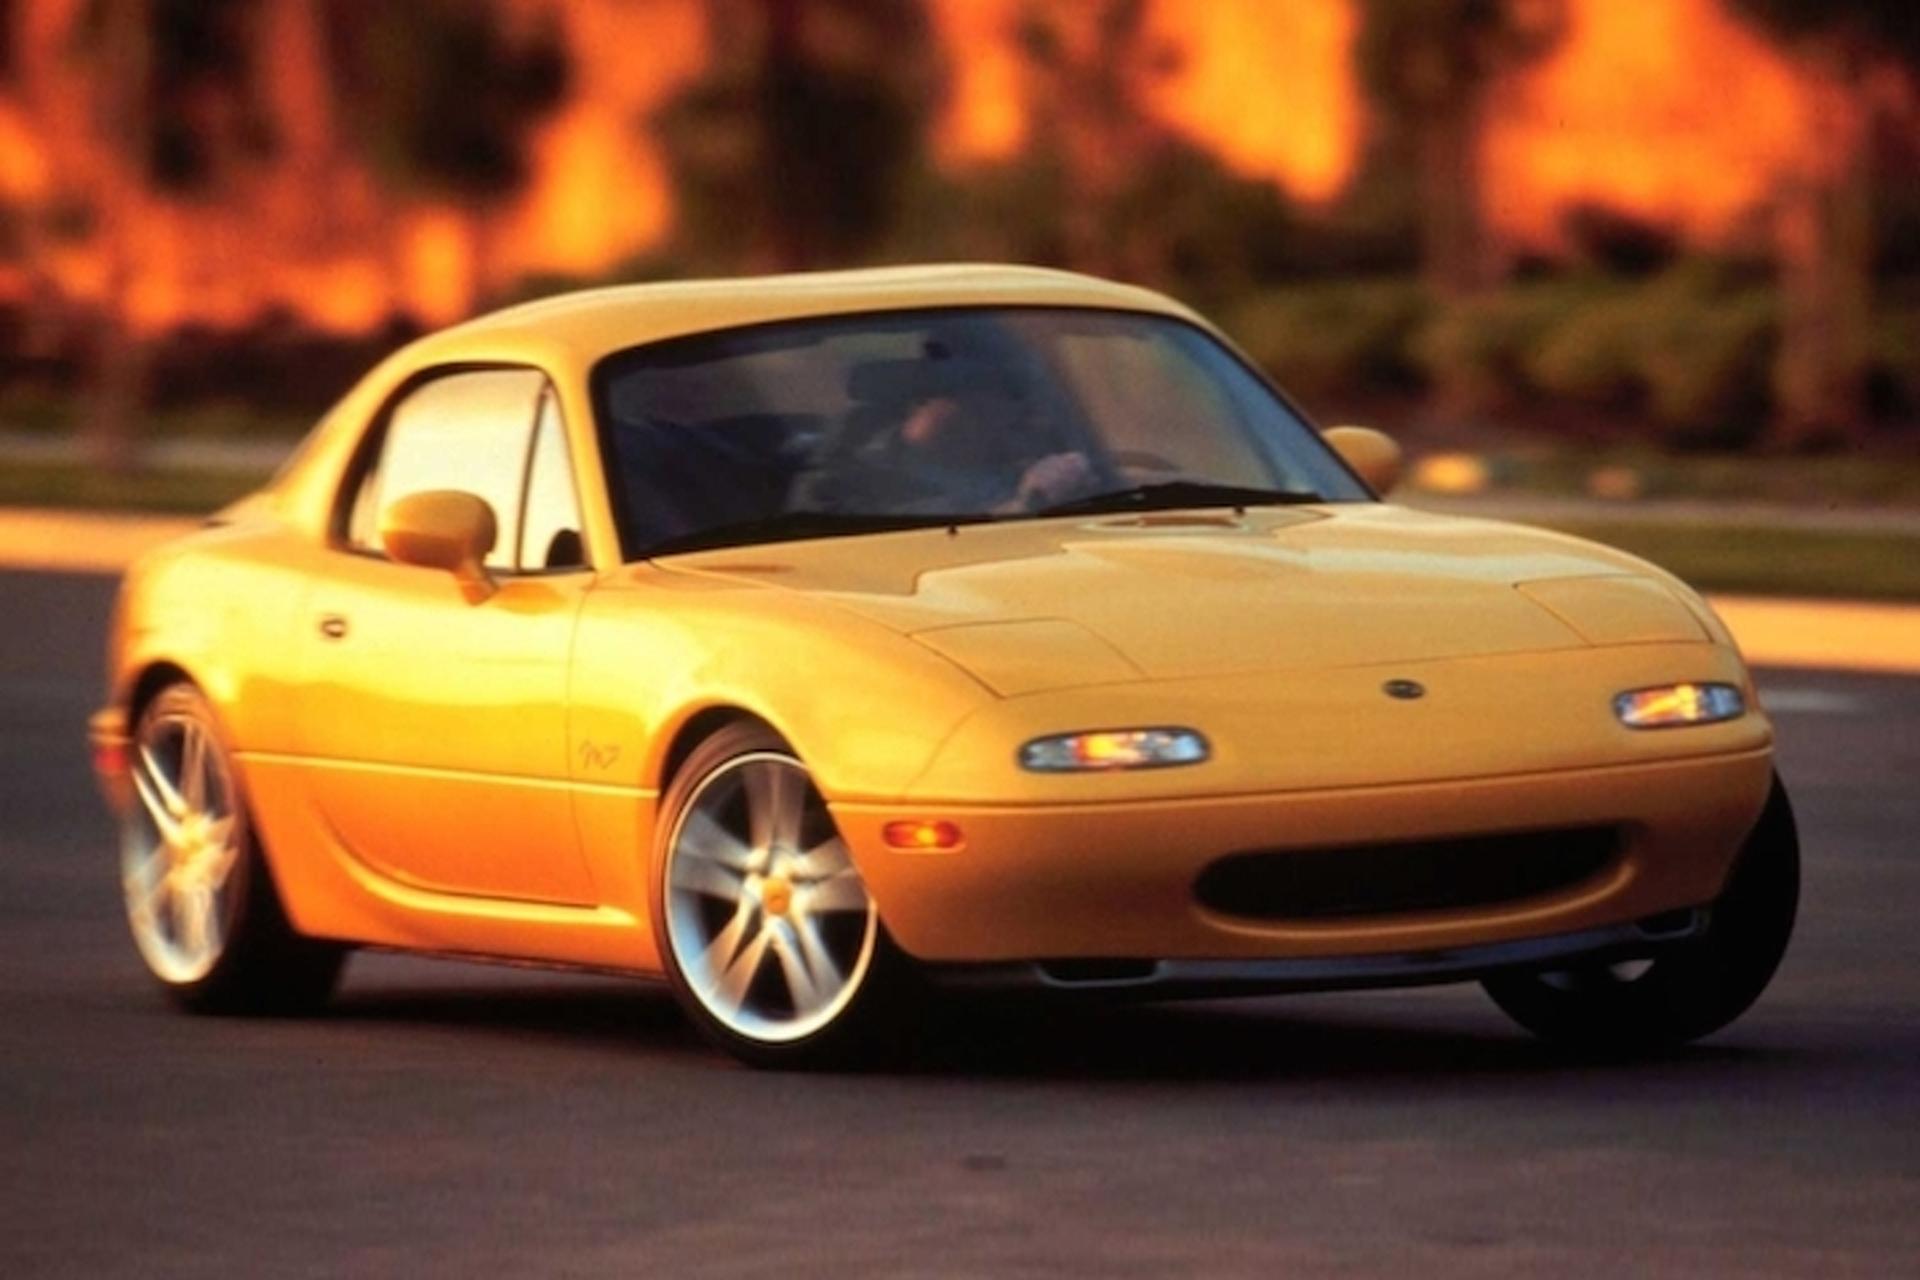 2016 Mazda Miata Coupe Might Actually Happen